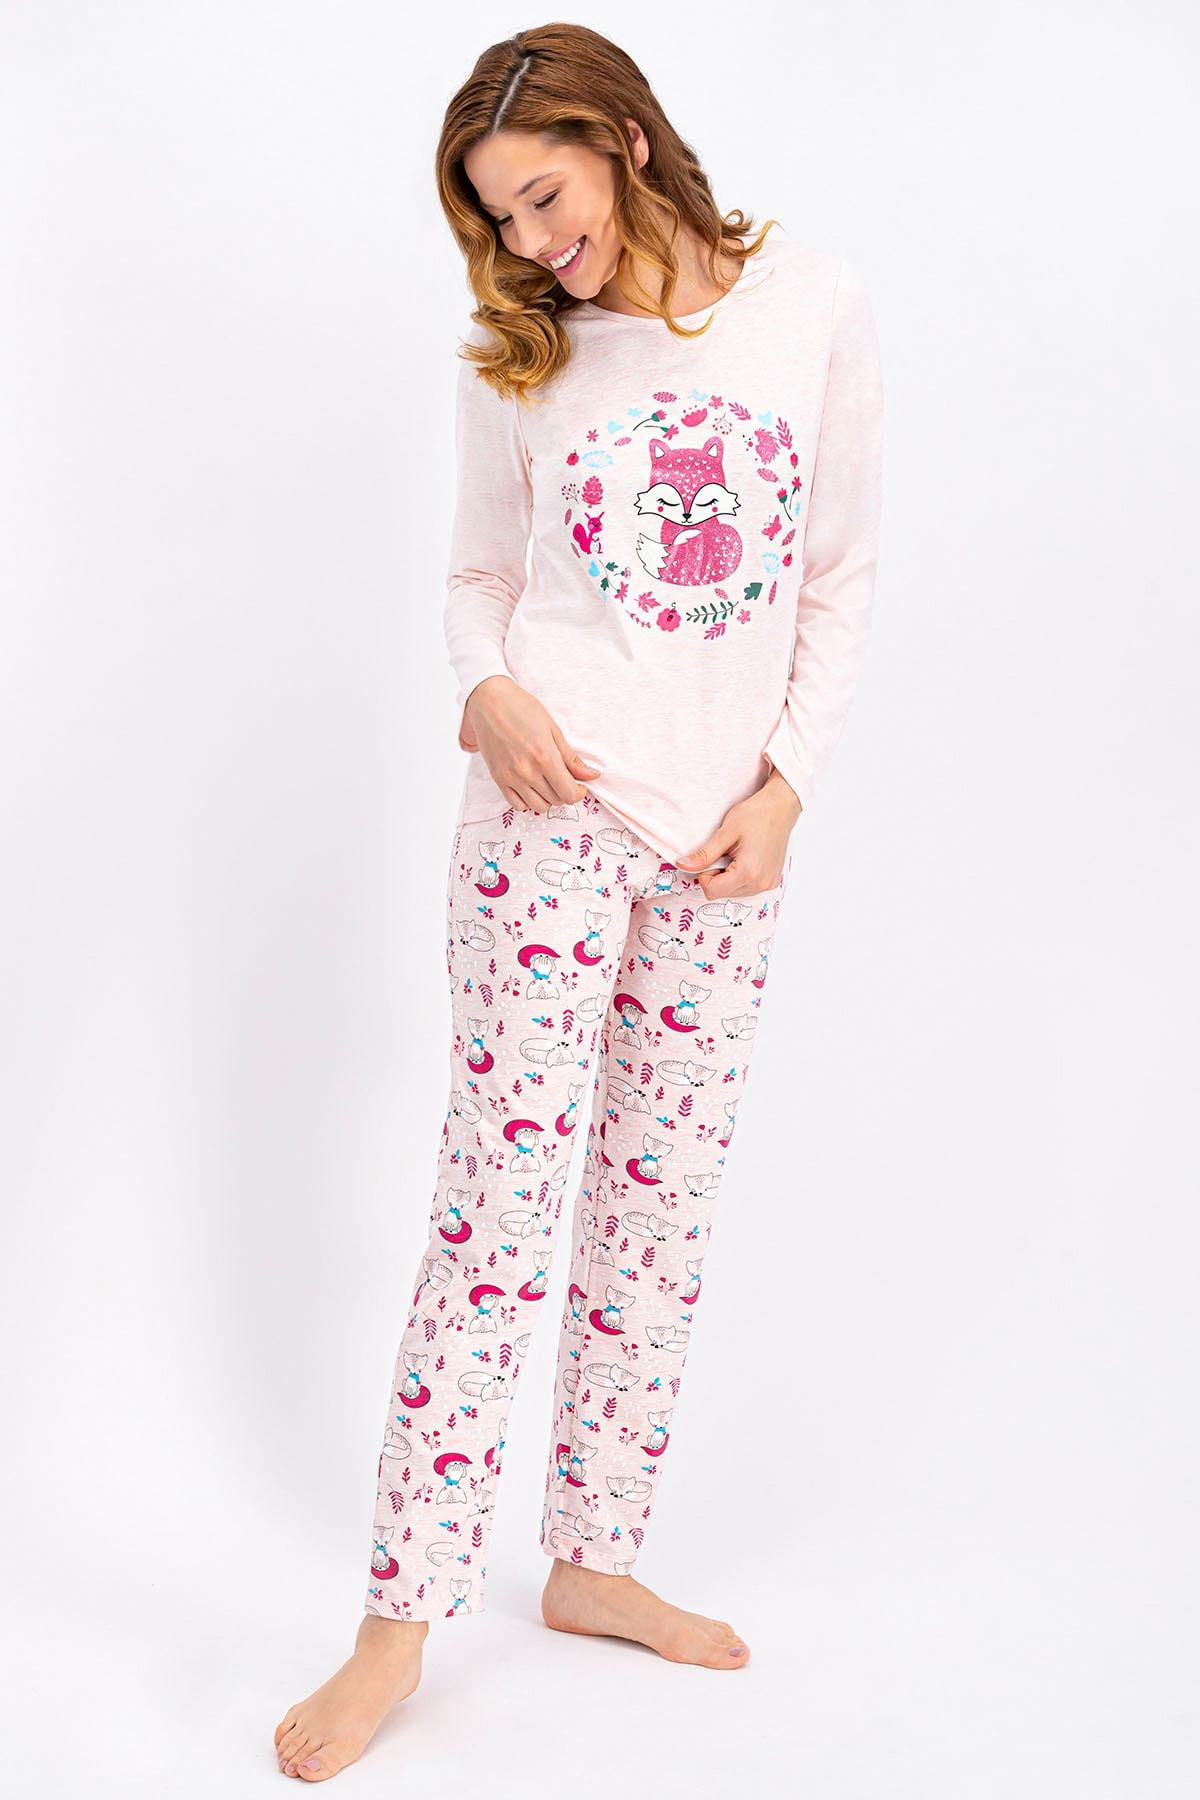 ROLY POLY Pembemelanj Little Fox Kadın Pijama Takımı 1